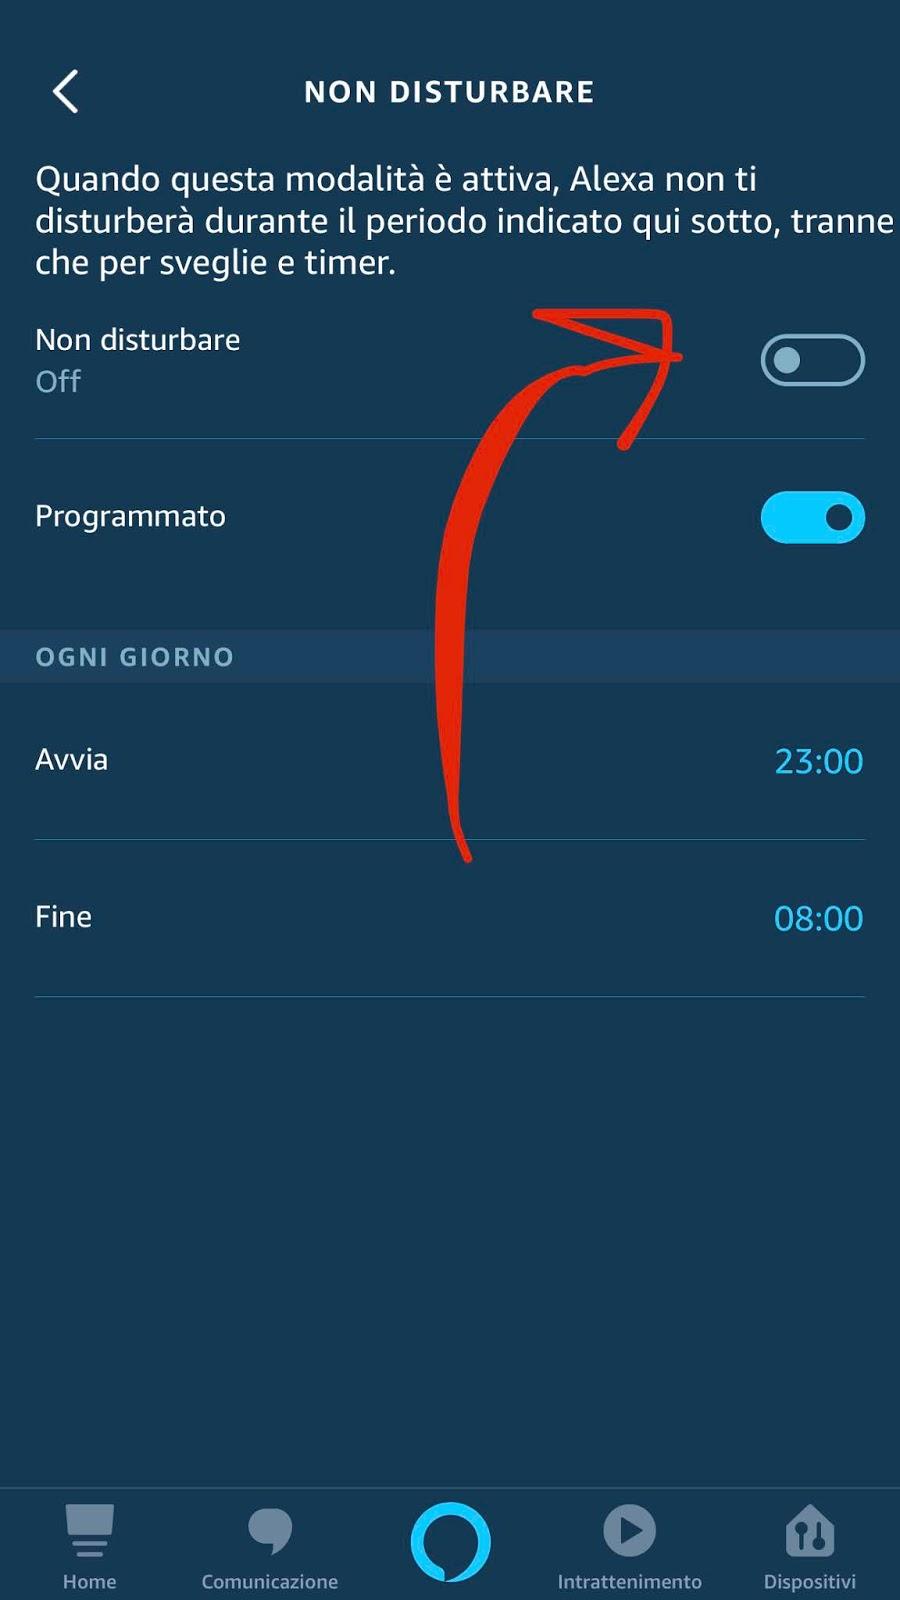 Come attivare la modalità non disturbare ad Alexa